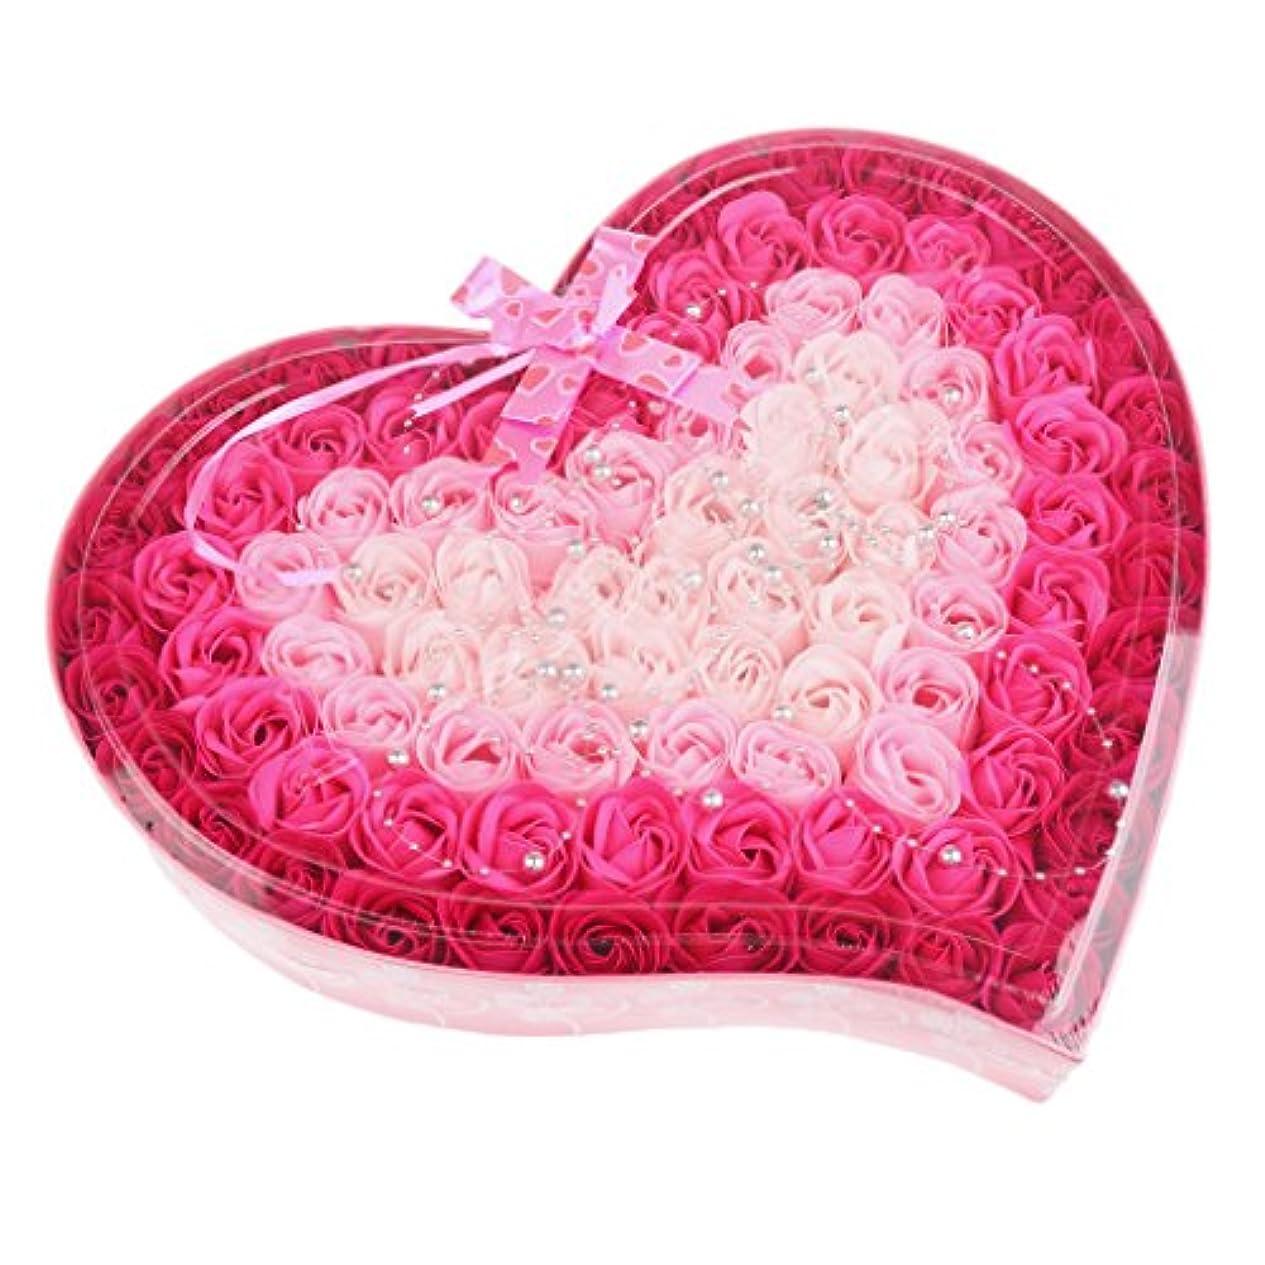 不実蒸し器いとこソープフラワー 石鹸花 造花 フラワー ギフトボックス 誕生日 母の日 記念日 先生の日 バレンタインデー プレゼント 全4色選べる - ピンク